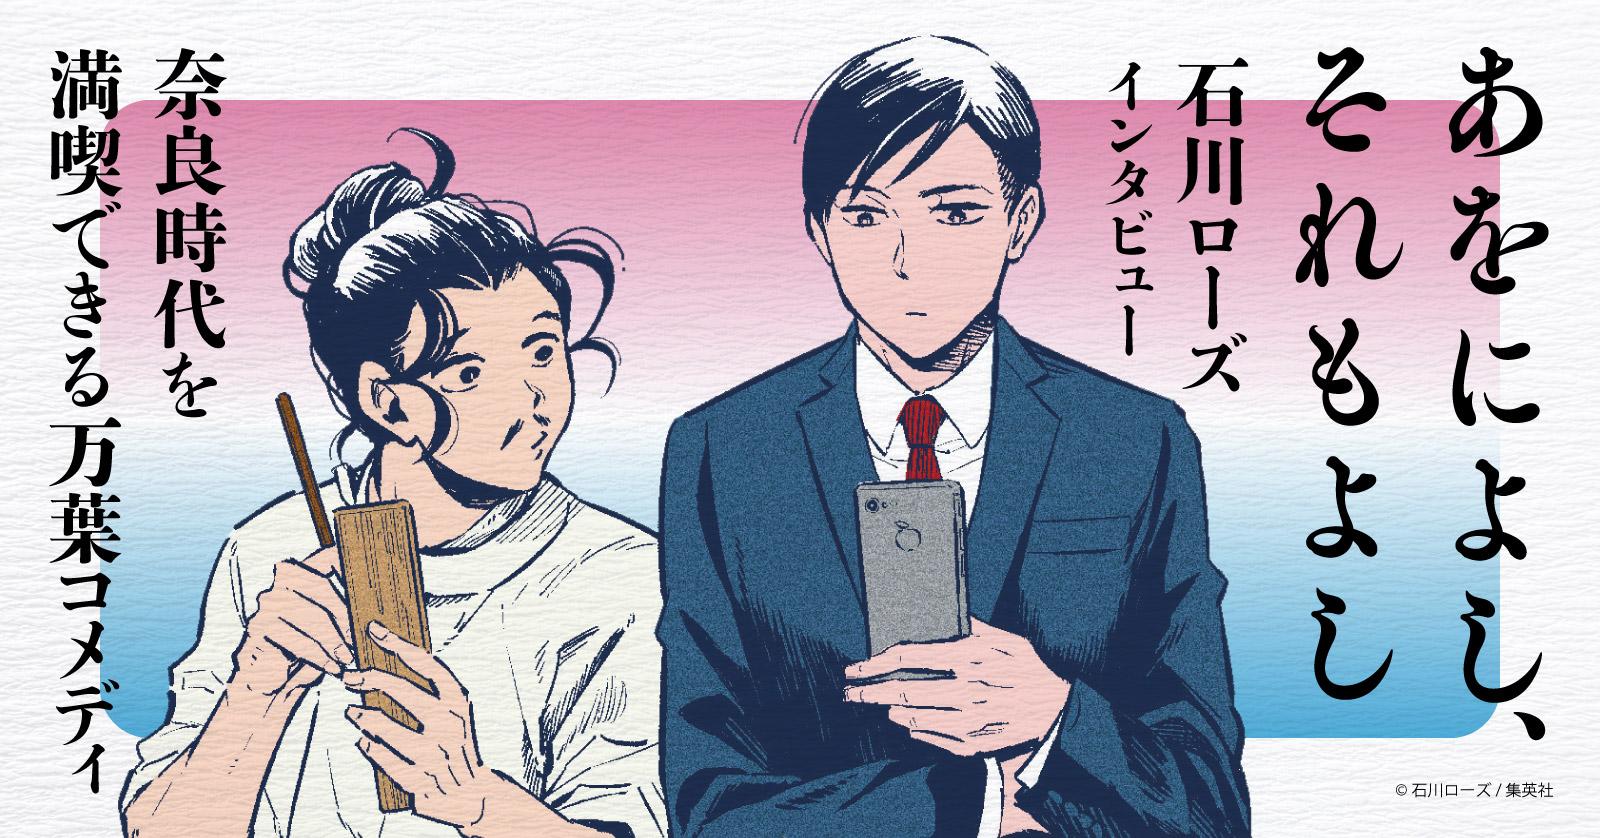 奈良時代を満喫できる万葉コメディ「あをによし、それもよし」石川ローズ